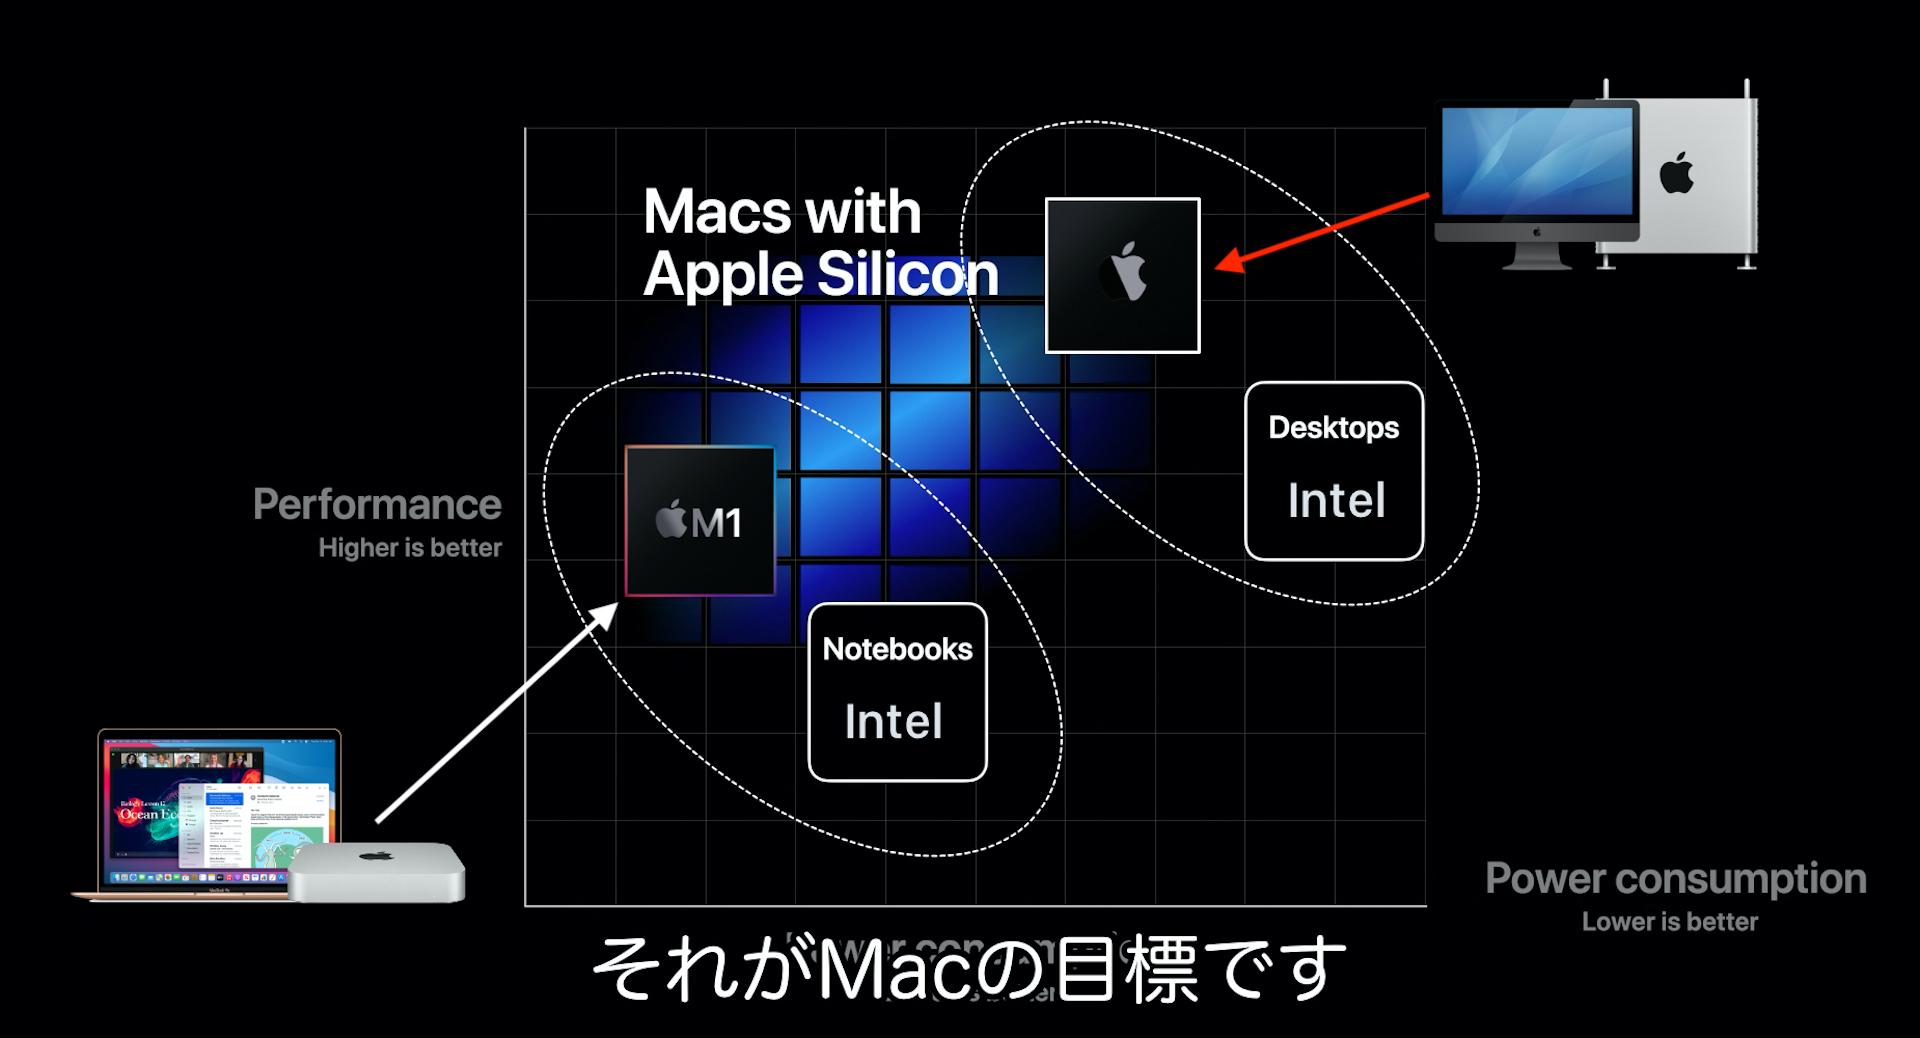 iMac 2020やMac Pro 2020が目指すパフォーマンス